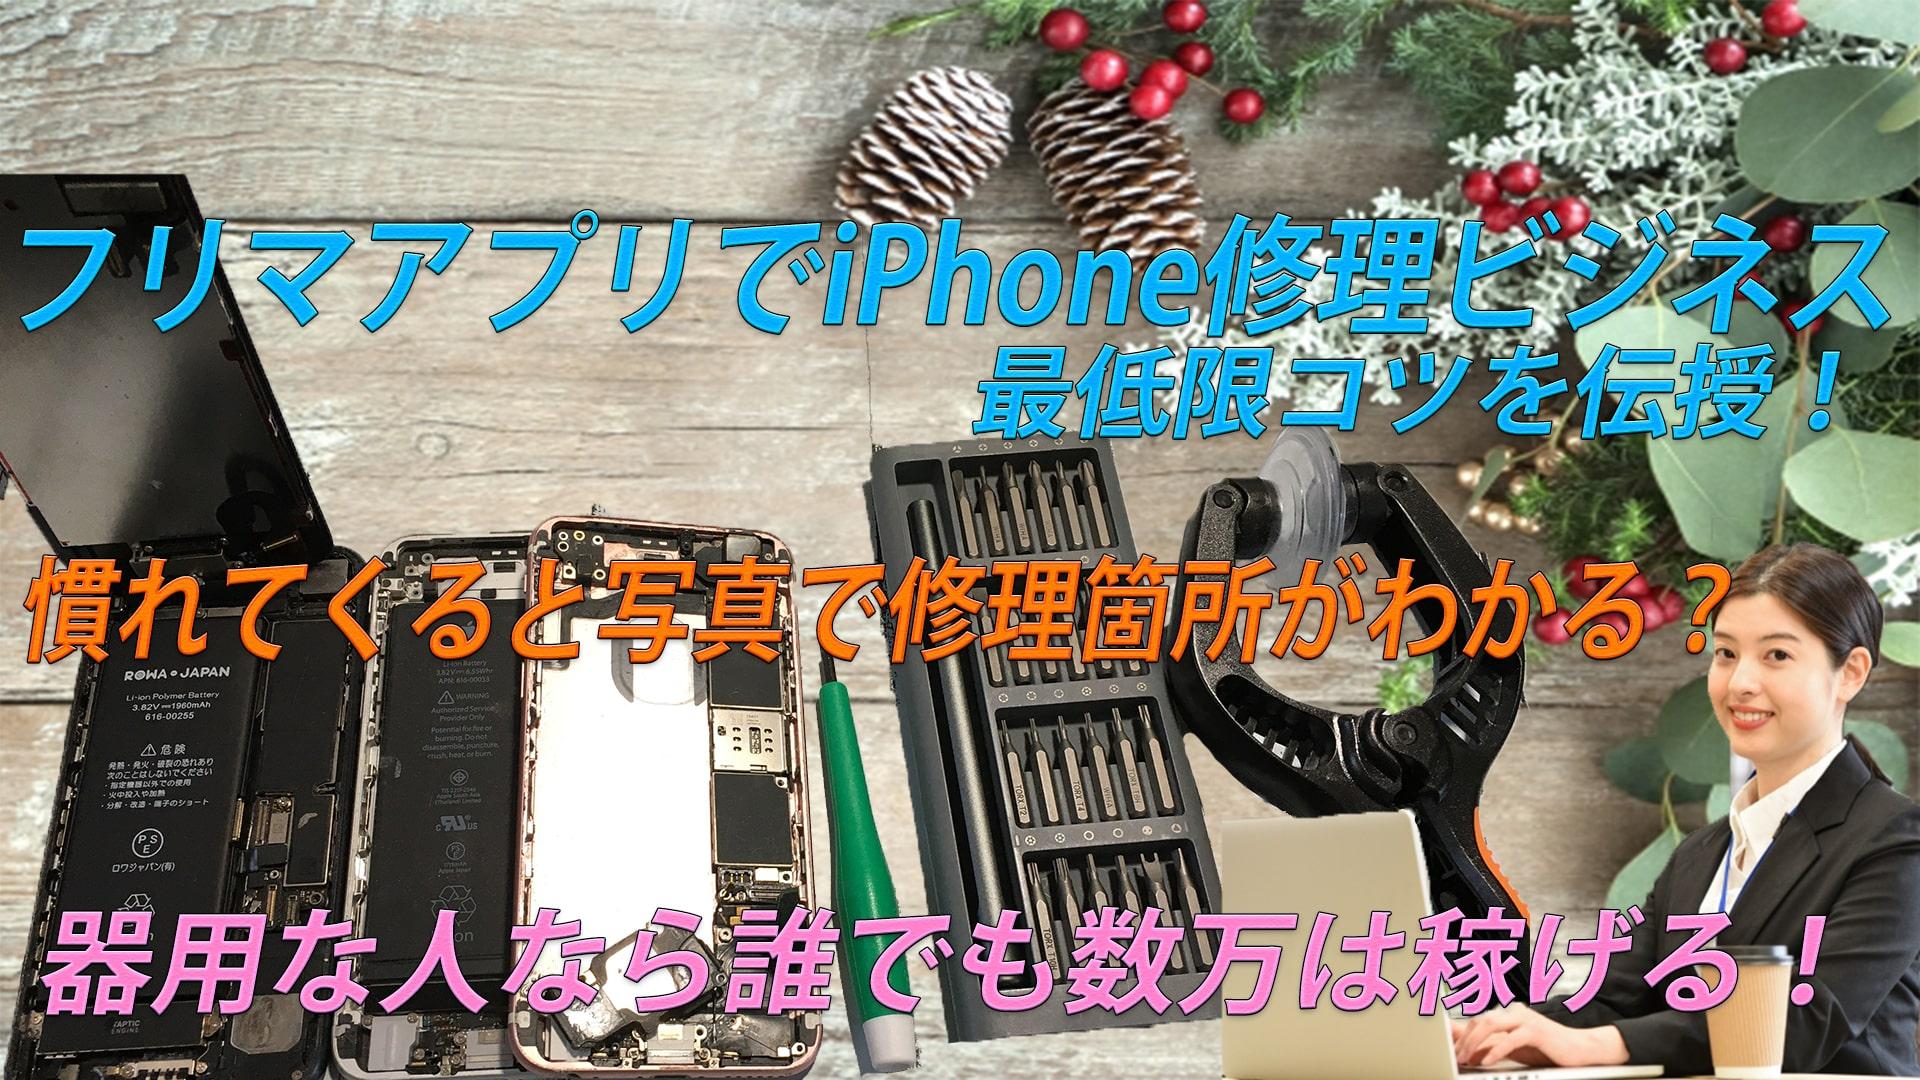 フリマアプリを利用してiPhone修理ビジネスで月6万円稼いだ方法を伝授!